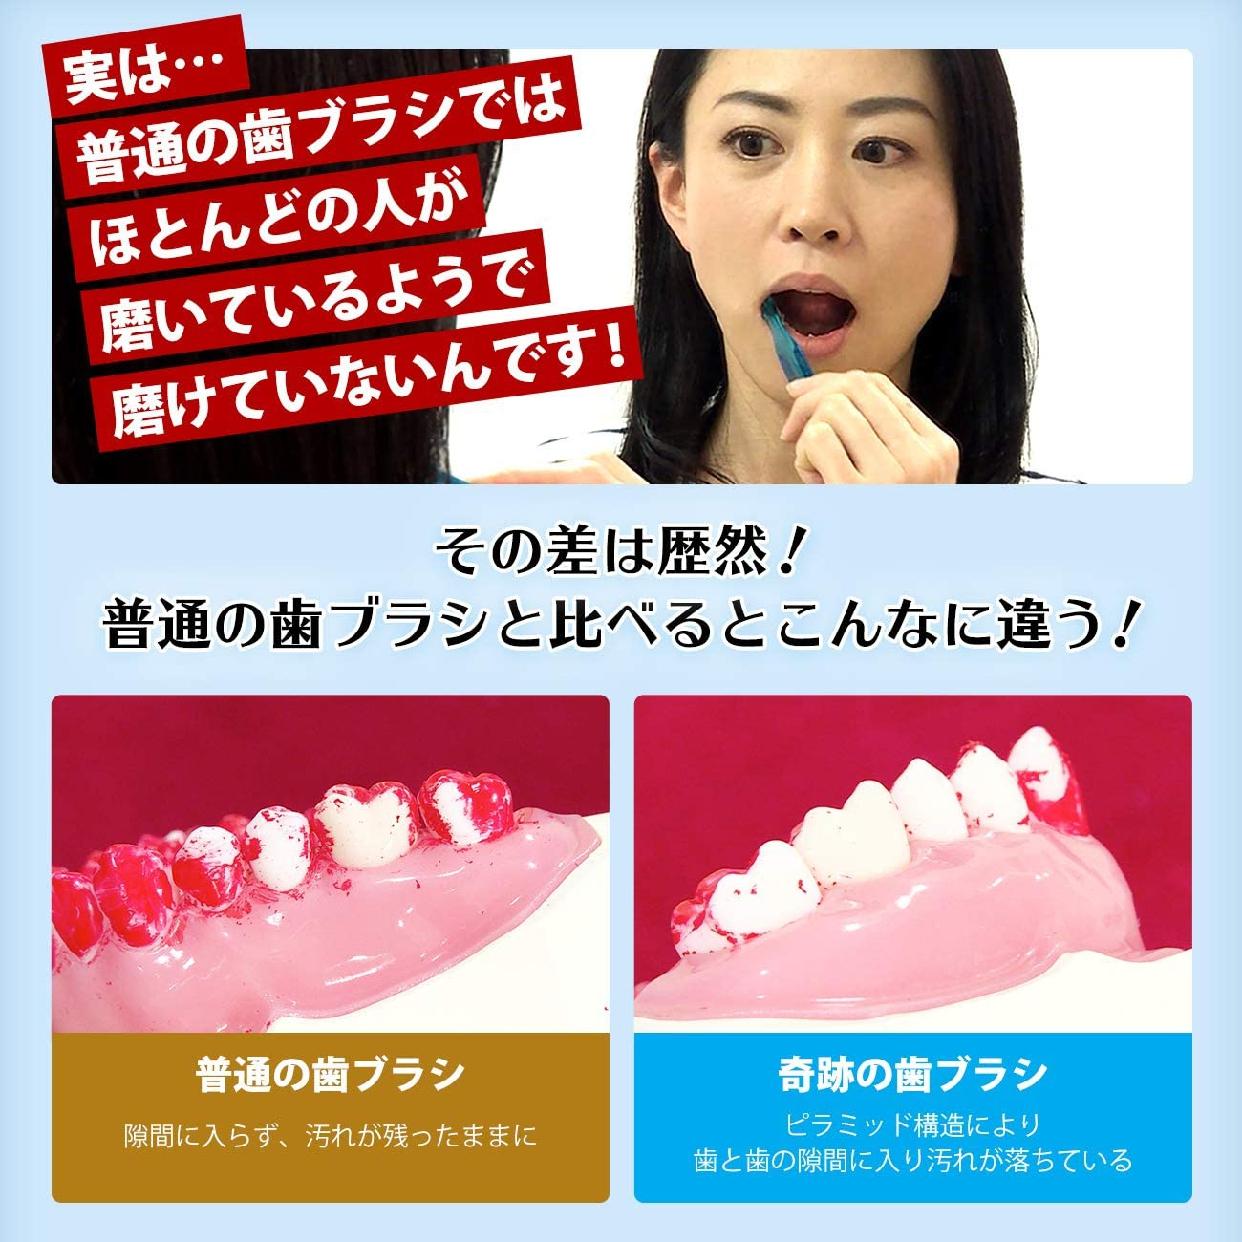 奇跡の歯ブラシ(きせきのはぶらし)歯ブラシの商品画像4